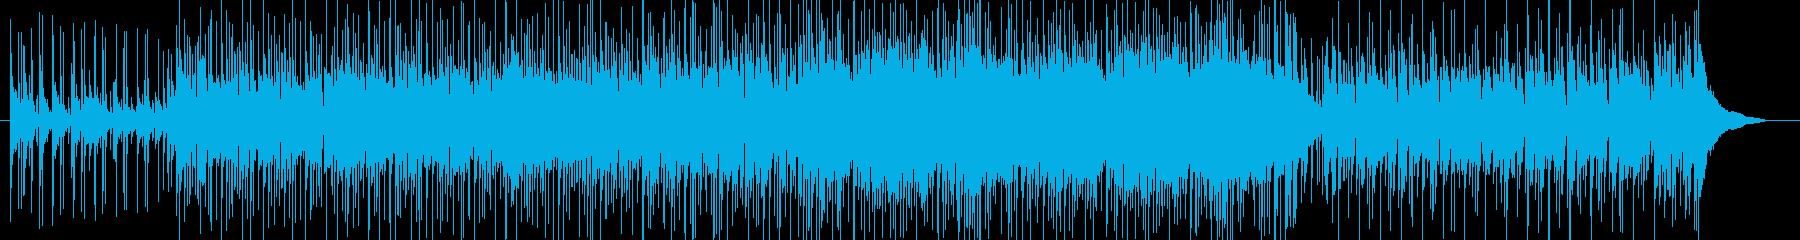 ボサノバっぽいピアノ ギターの再生済みの波形